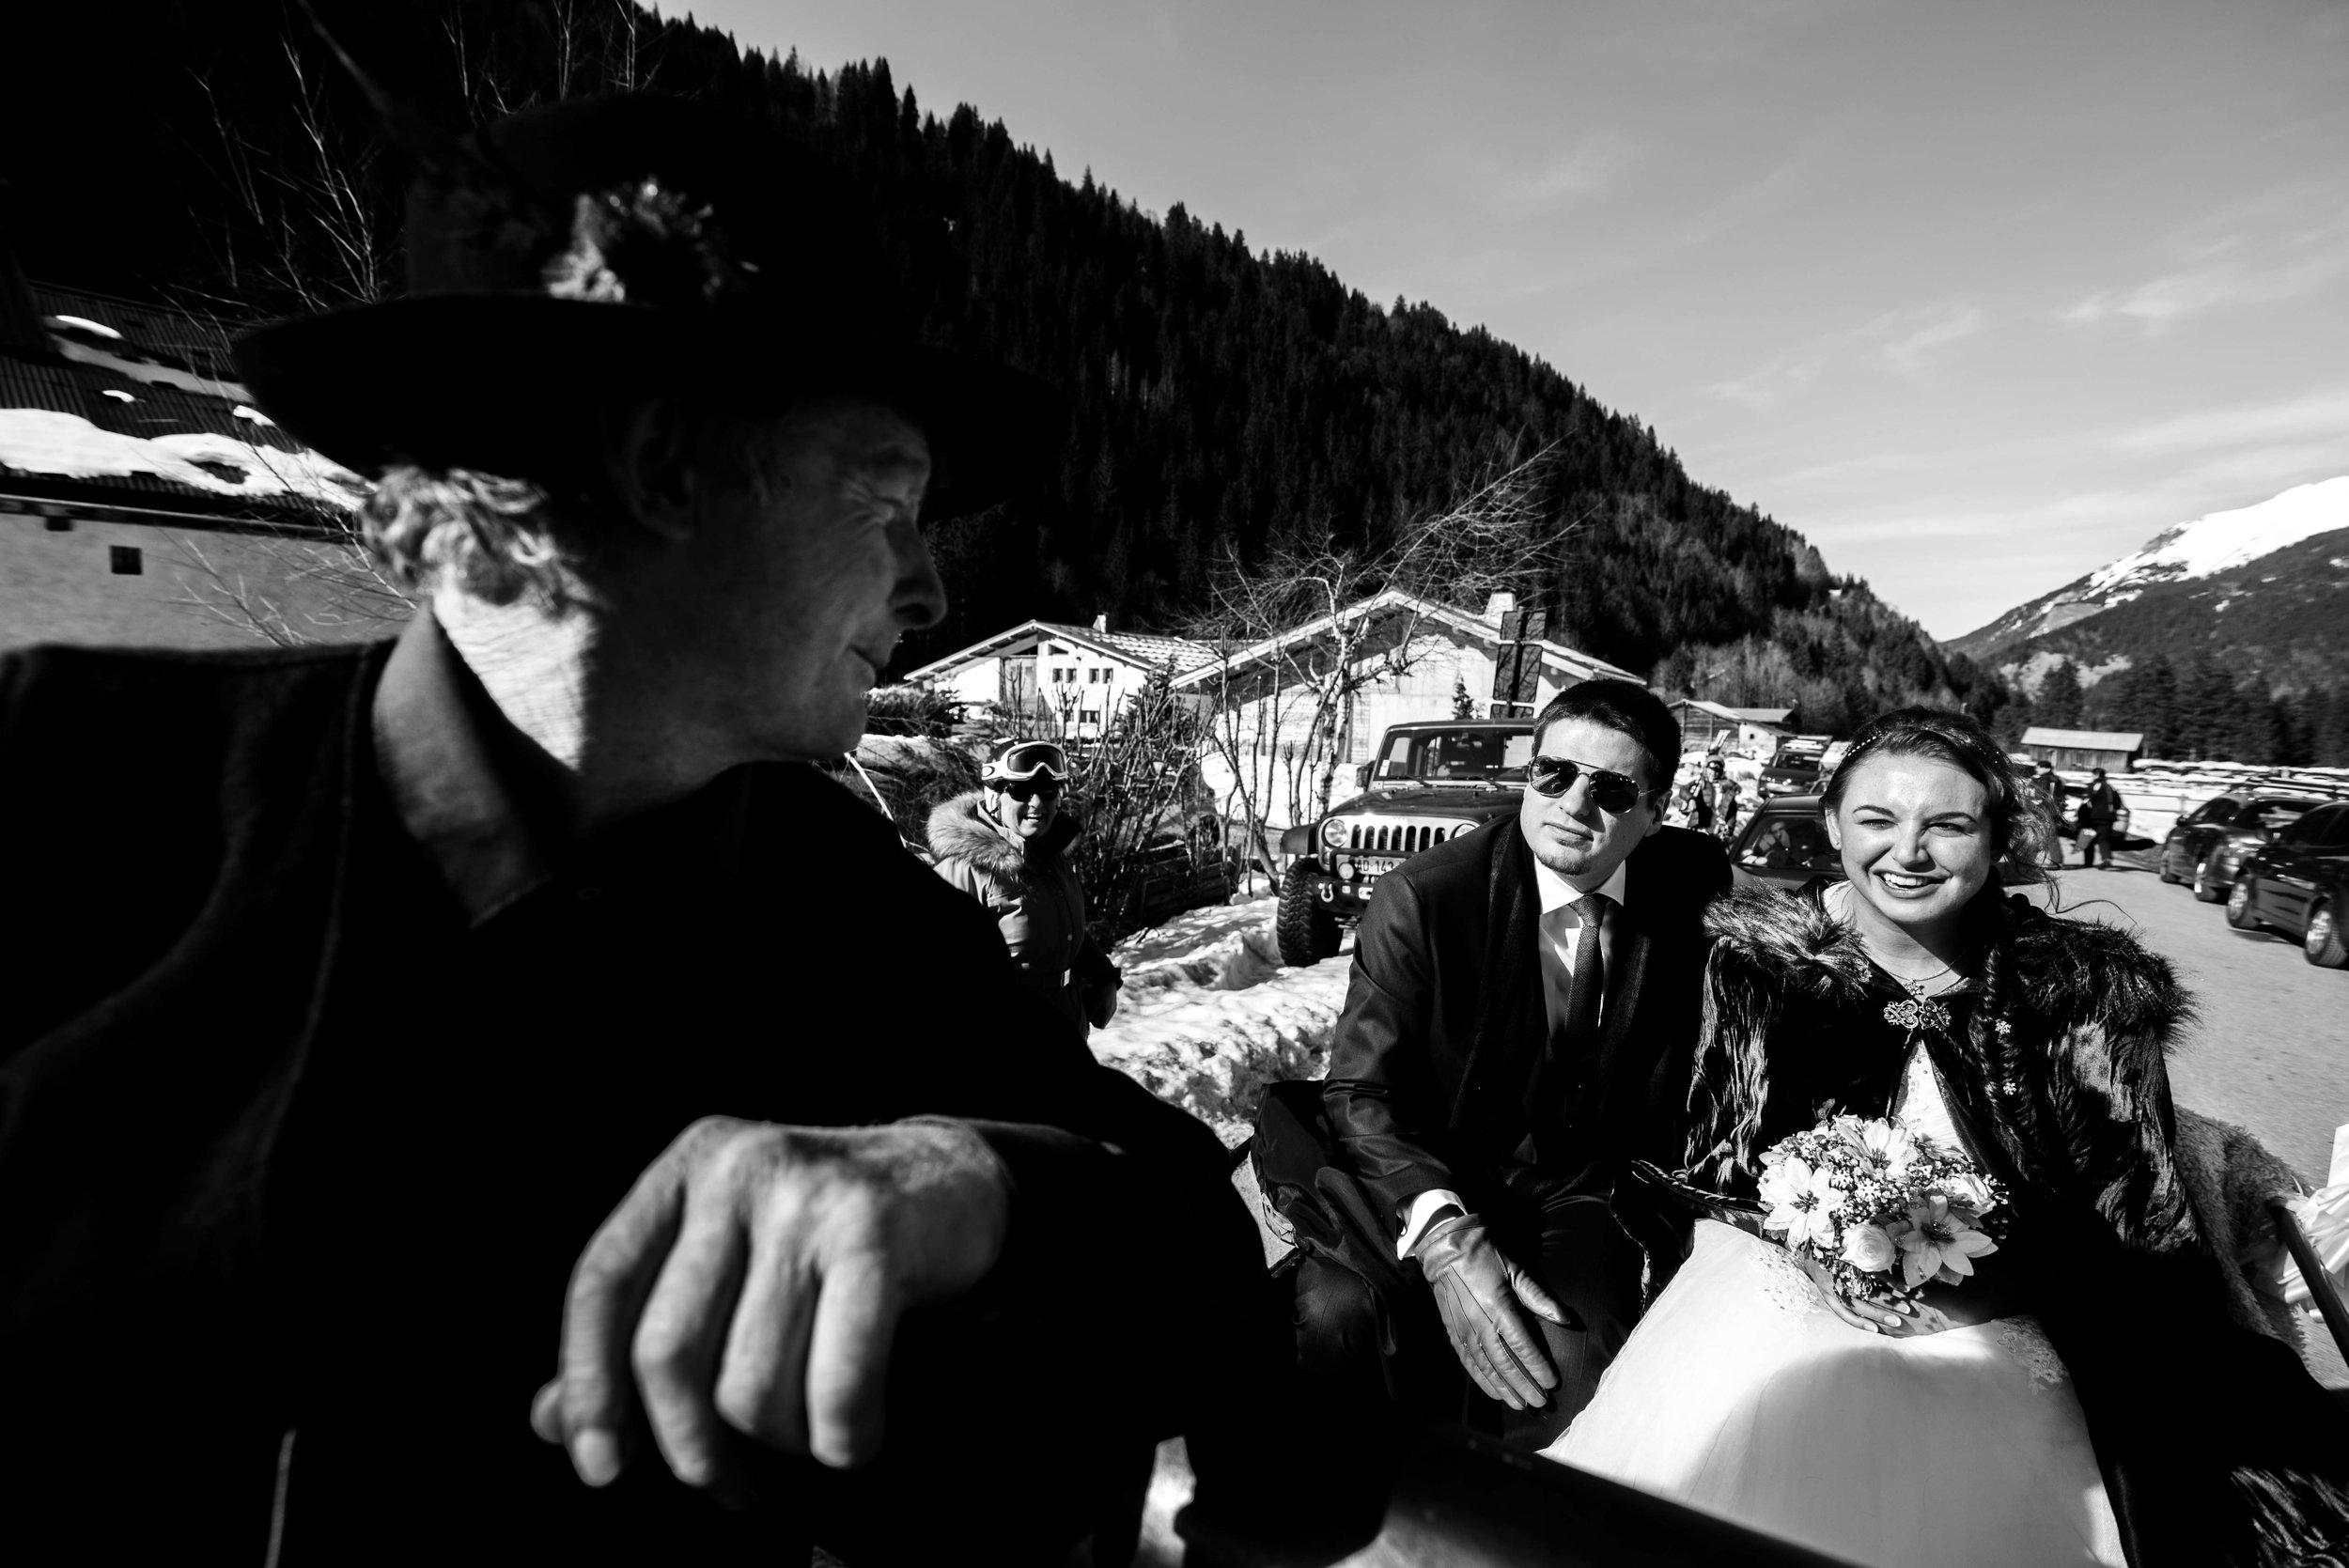 Léa-Fery-photographe-professionnel-lyon-rhone-alpes-portrait-mariage-couple-amour-lovesession-engagement-elopment-2492.jpg